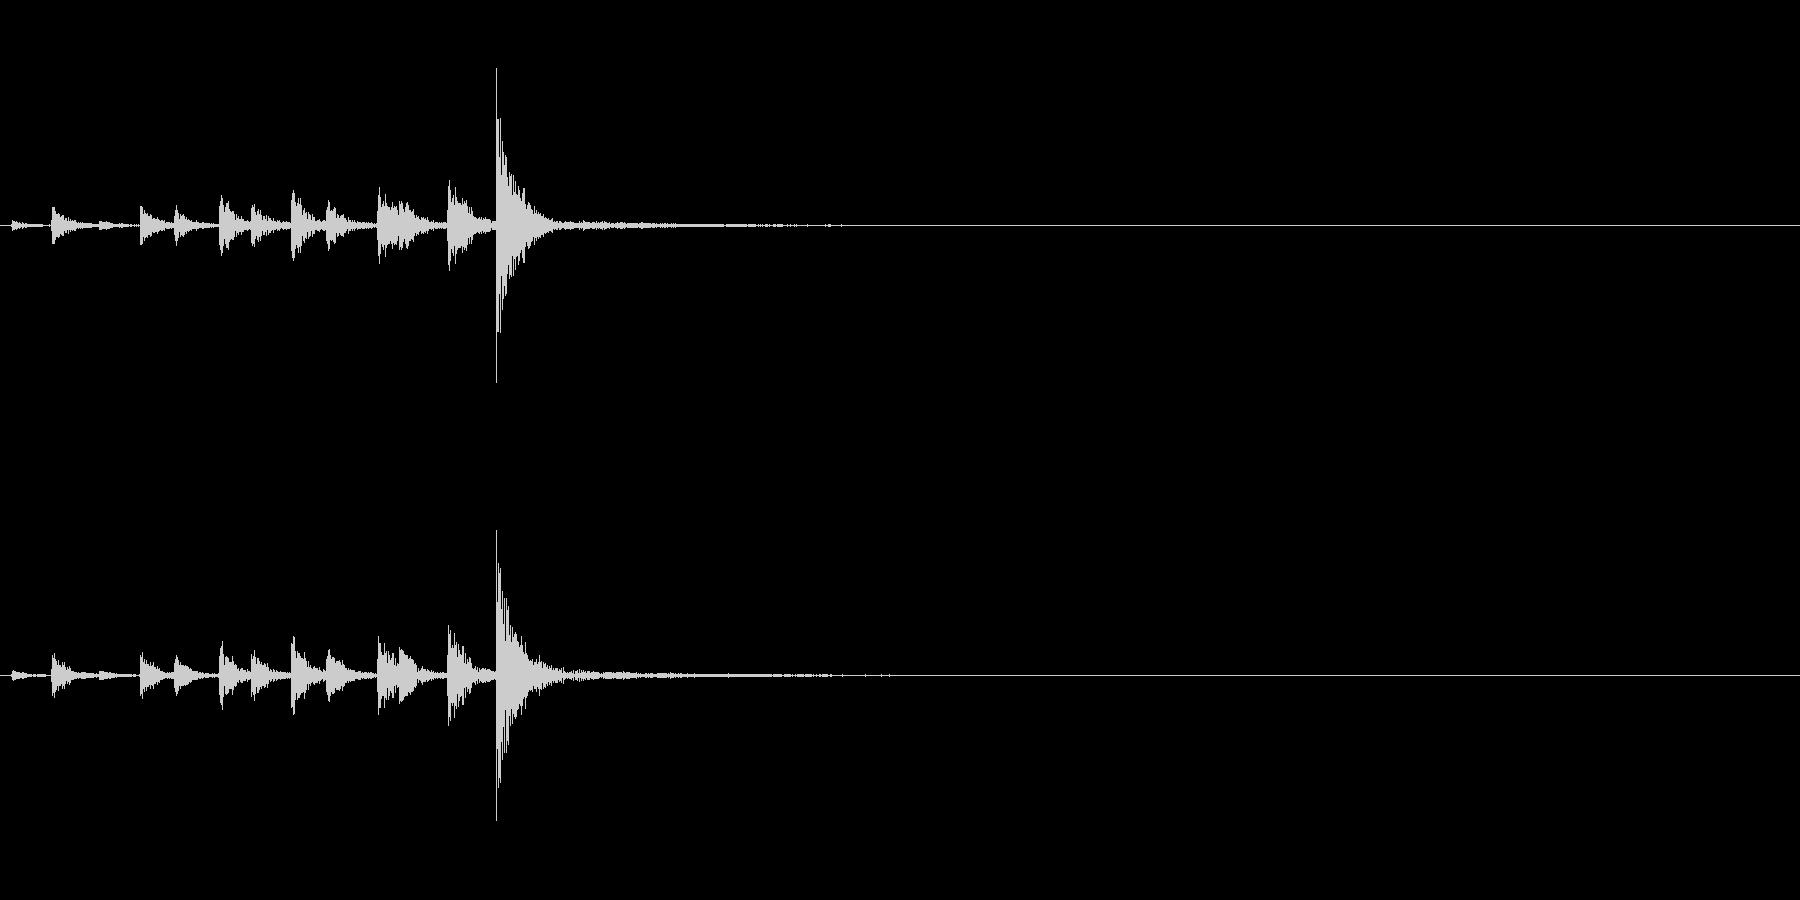 相撲などの触れ太鼓「大拍子」連続音1FXの未再生の波形